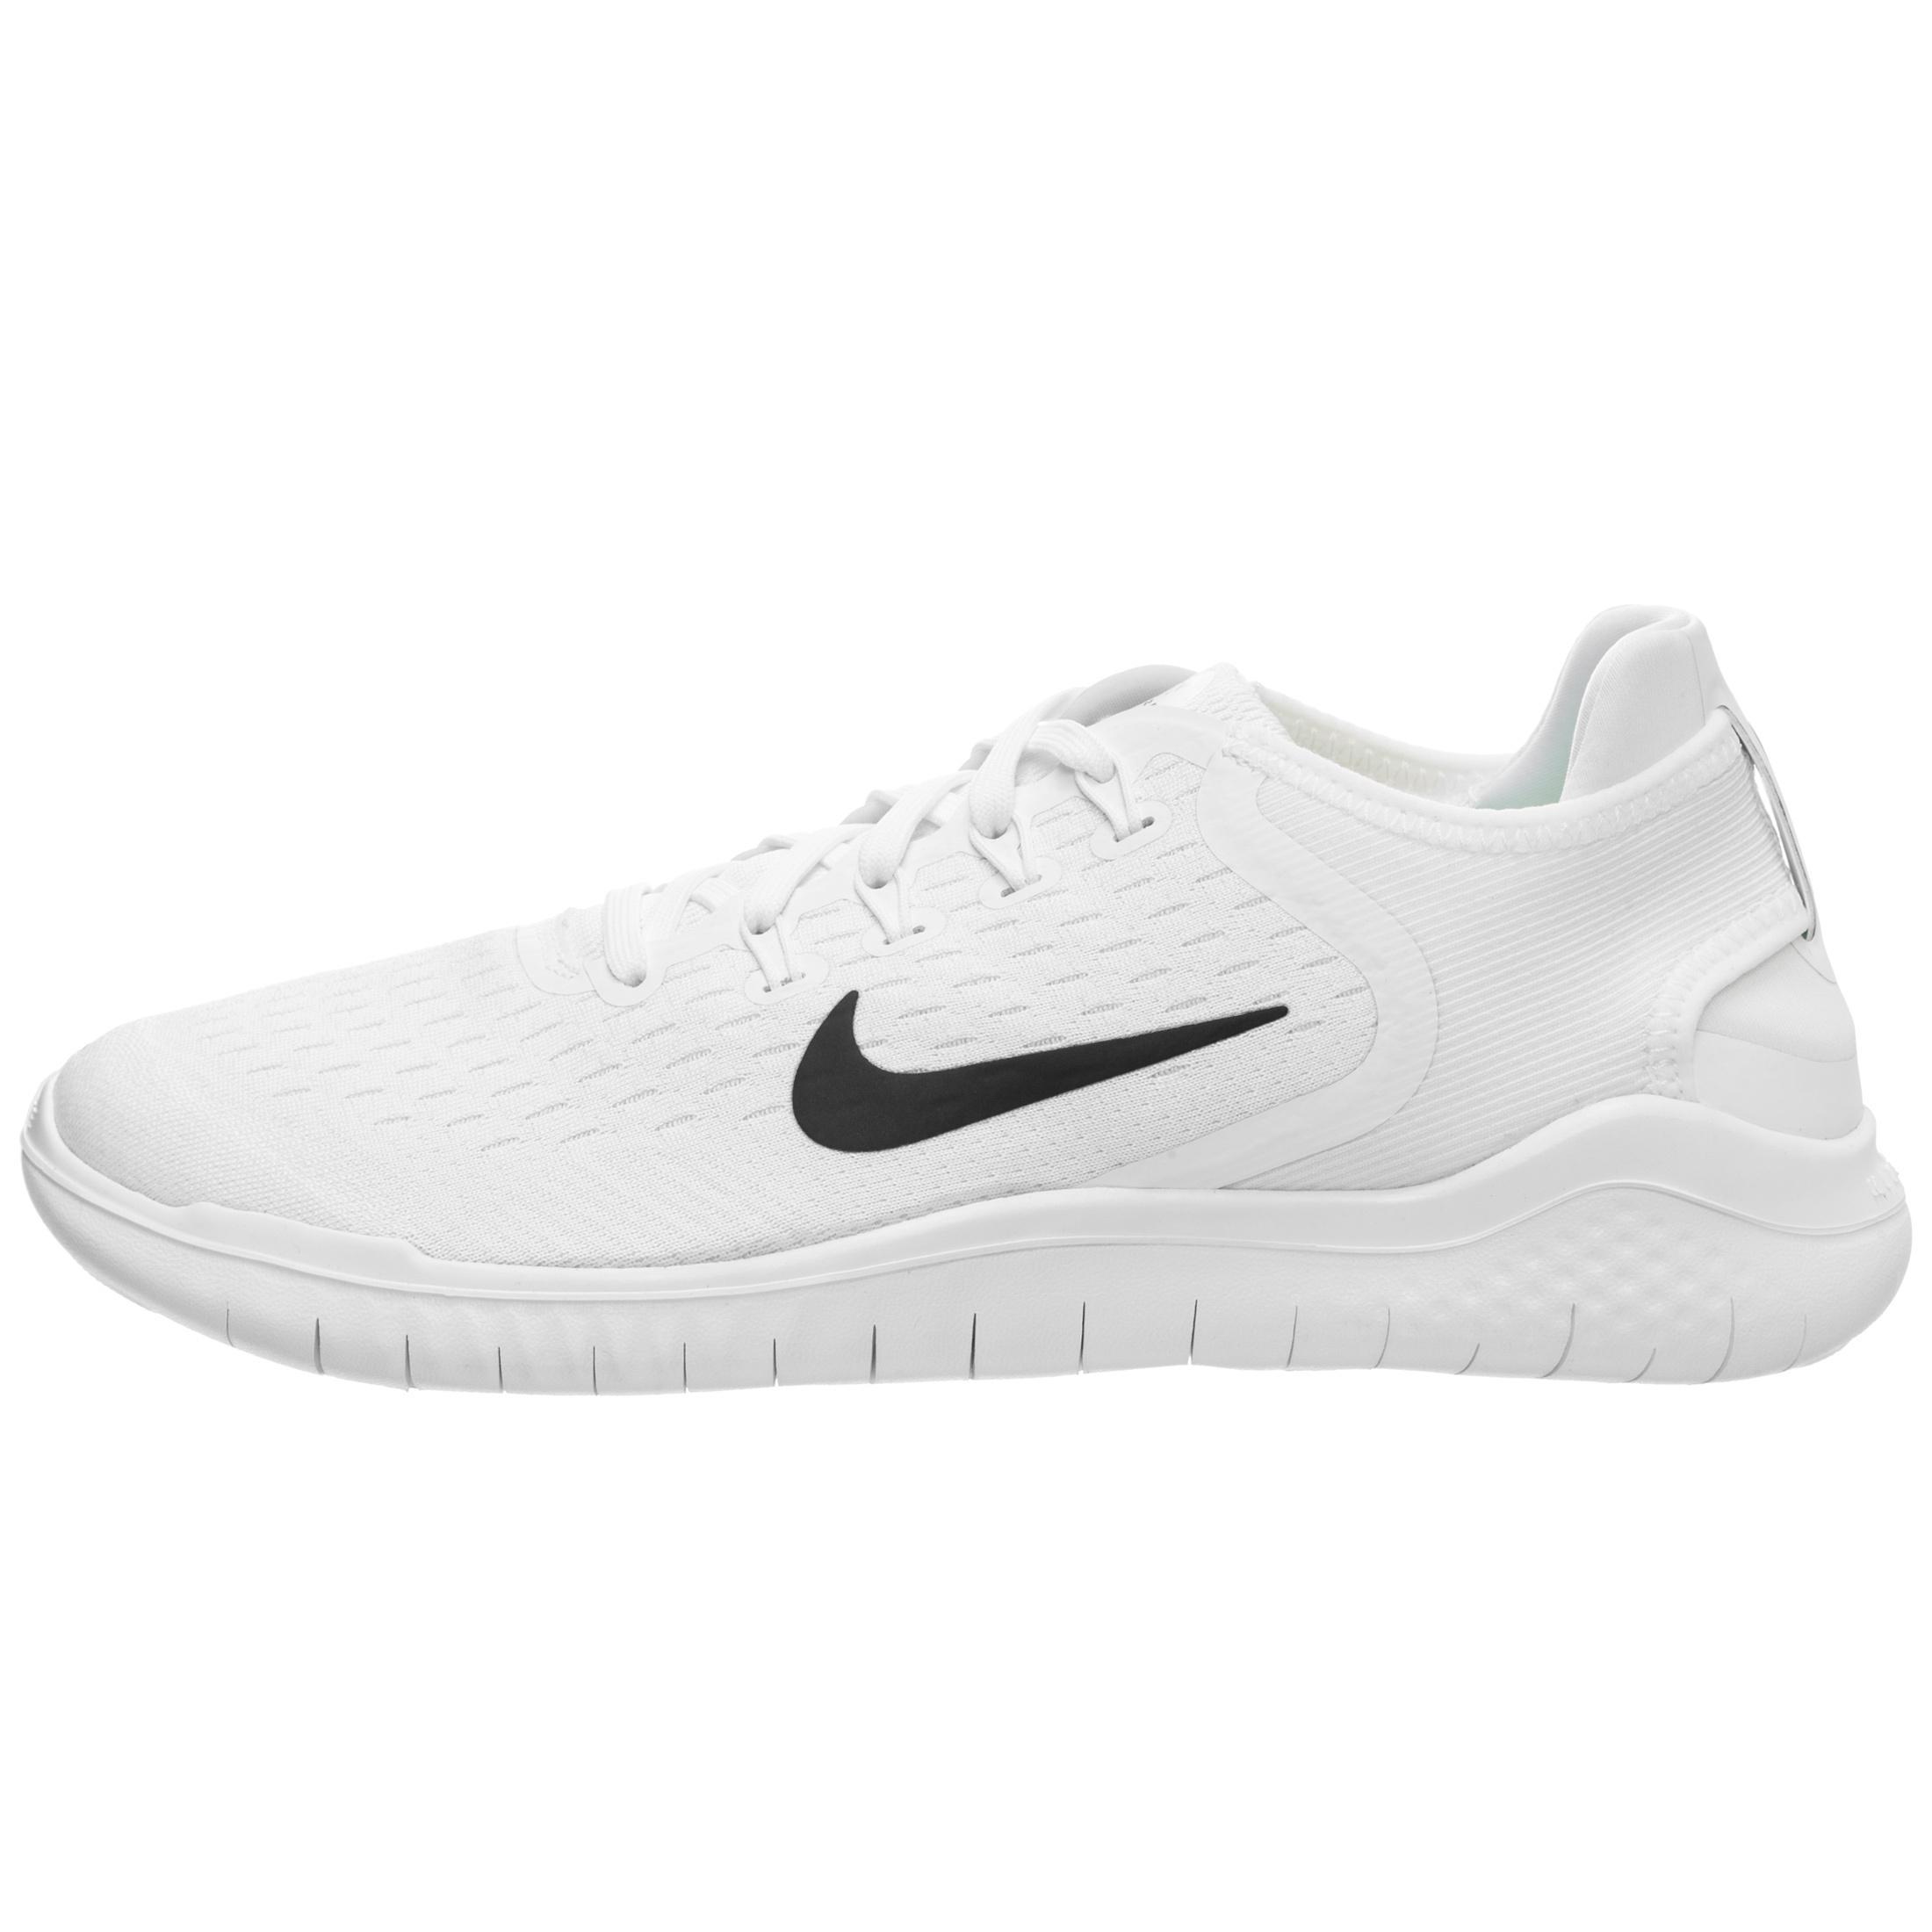 Nike Free RN 2018 Damen Laufschuhe Damen 2018 weiß   schwarz im Online Shop von SportScheck kaufen Gute Qualität beliebte Schuhe a80097